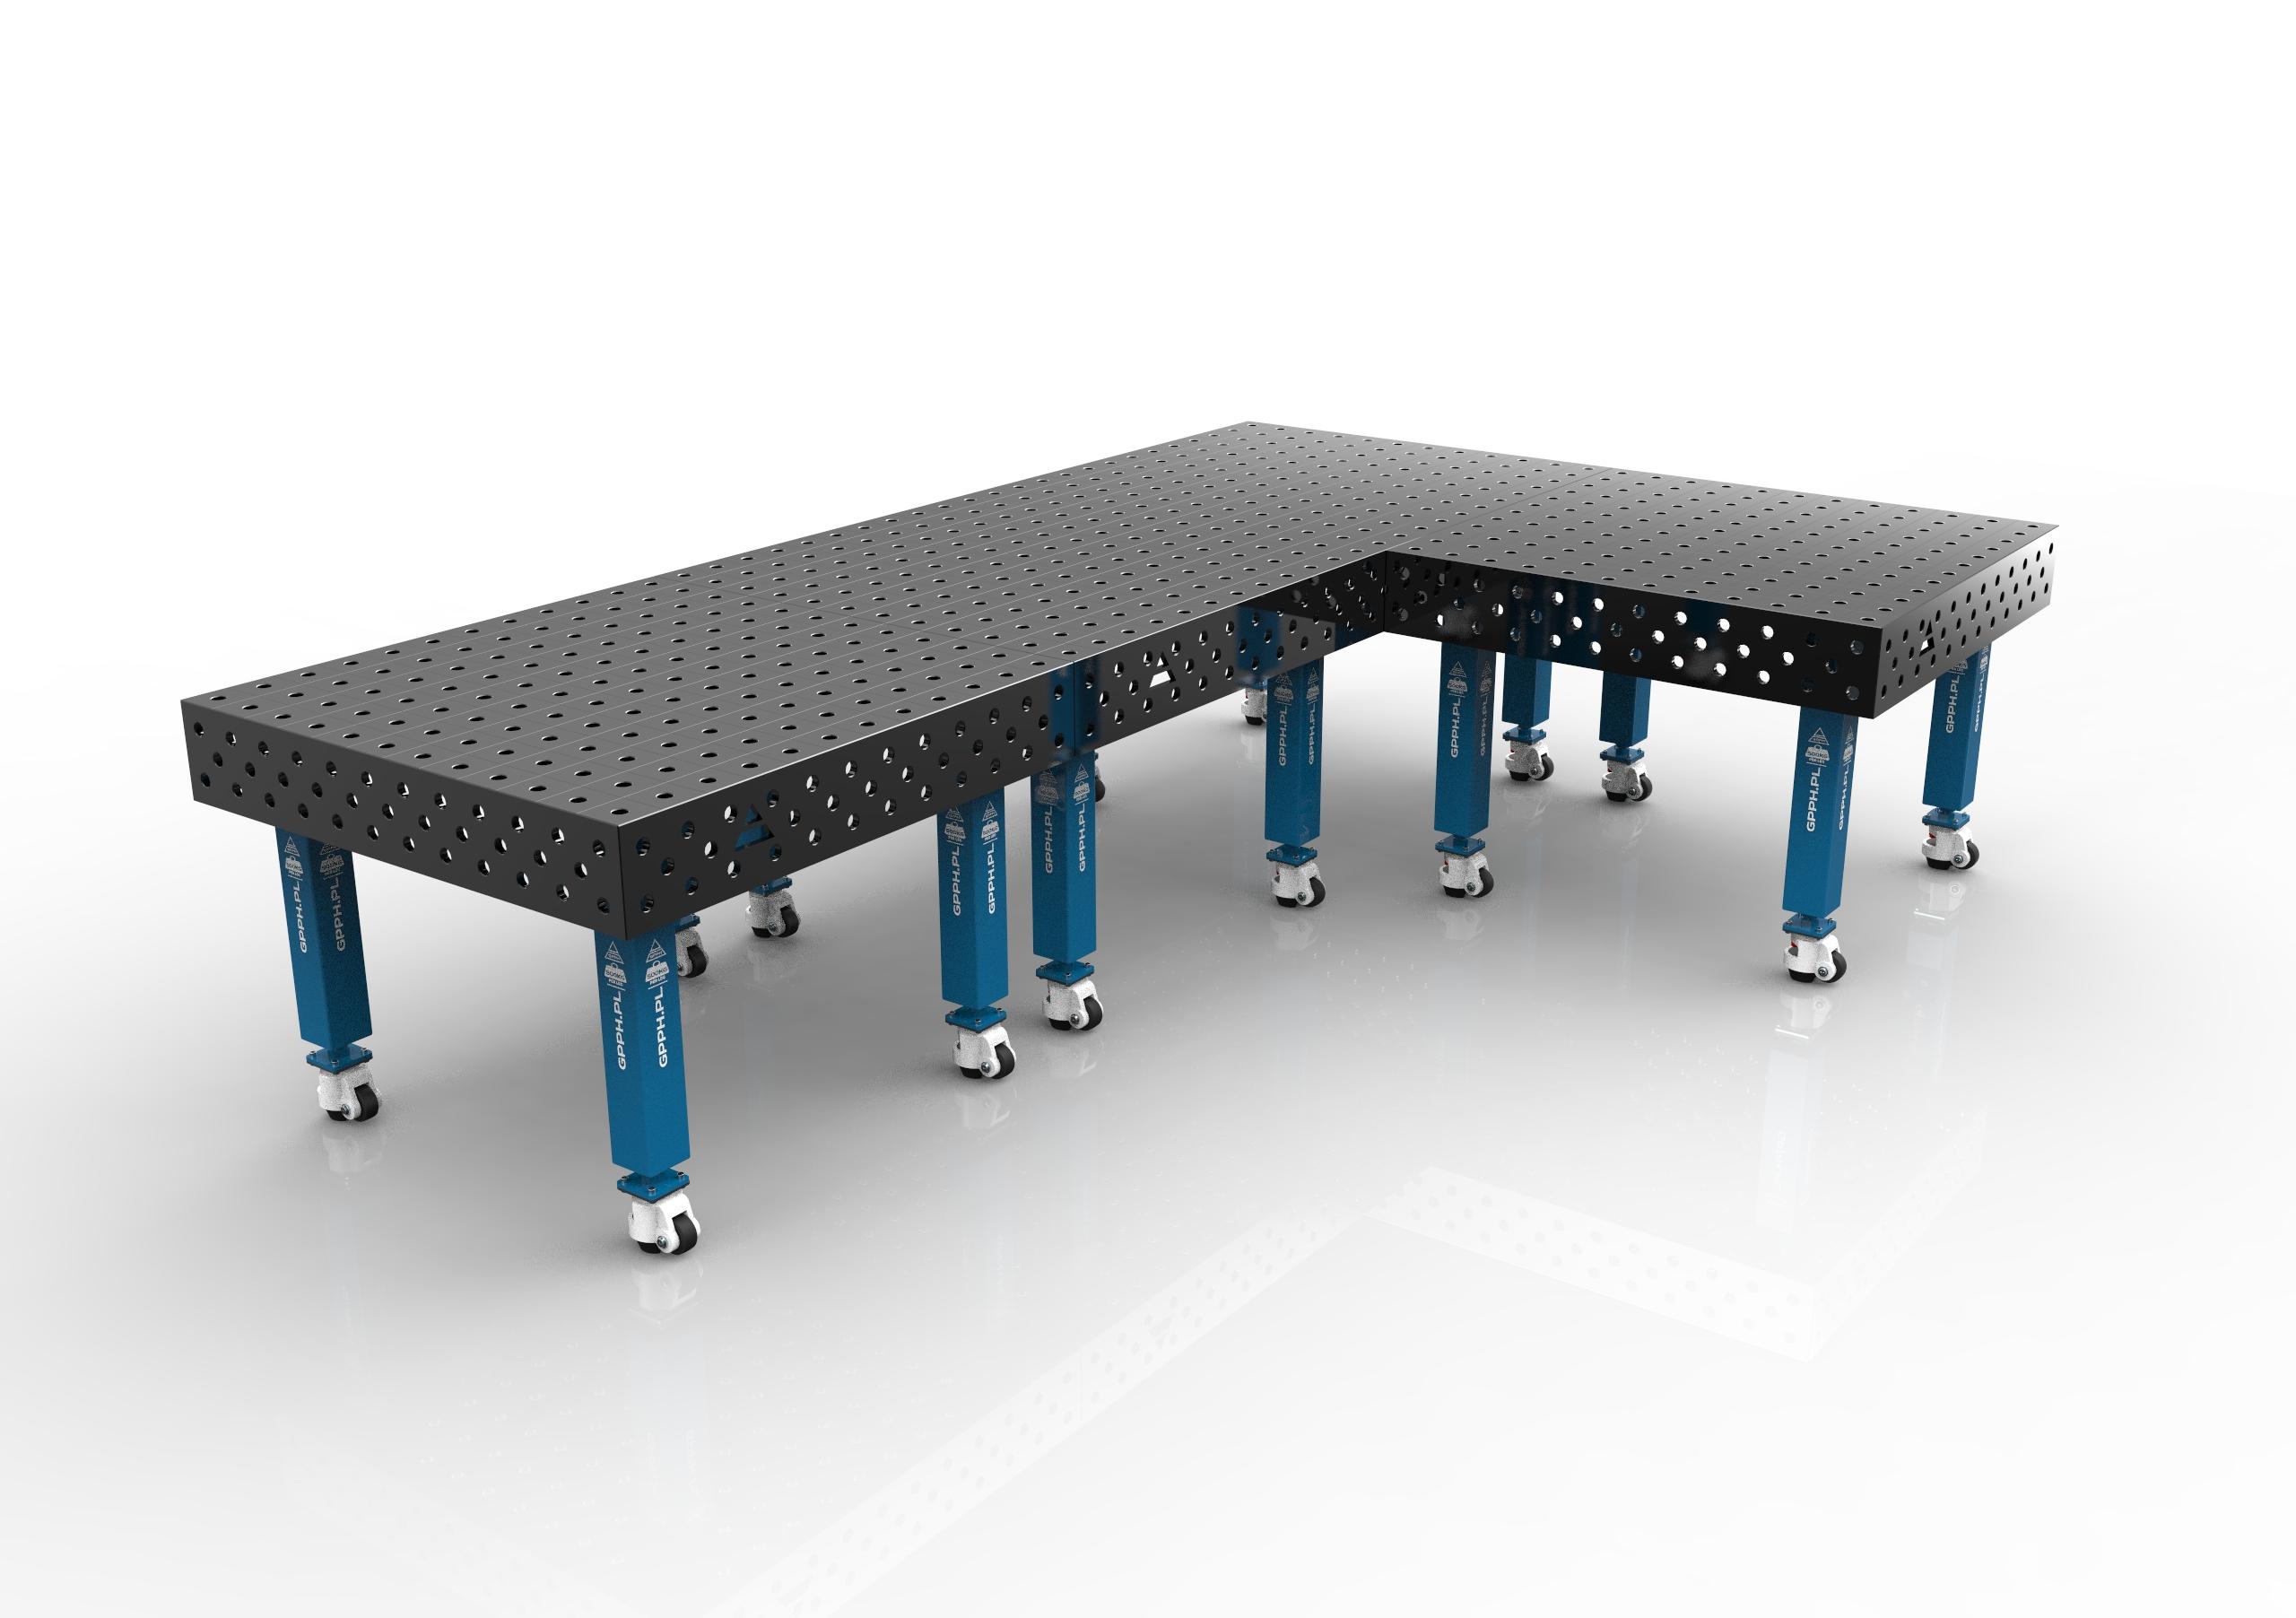 assemblage de 4 tables de soudage gpph